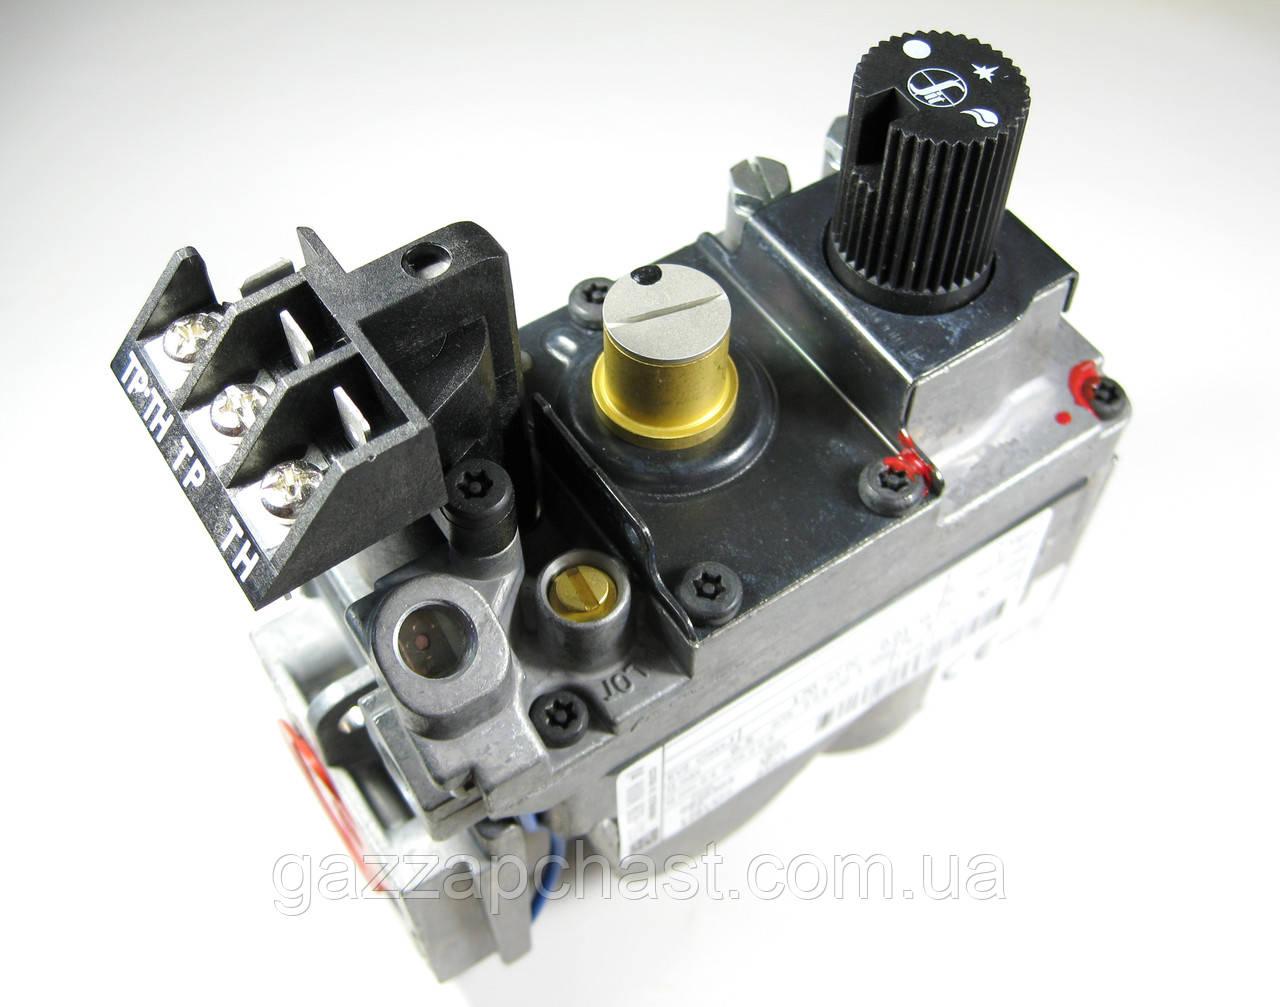 Газовый клапан SIT 820 NOVA mv, для оборудования мощностью до 60 кВт (0.820.303)